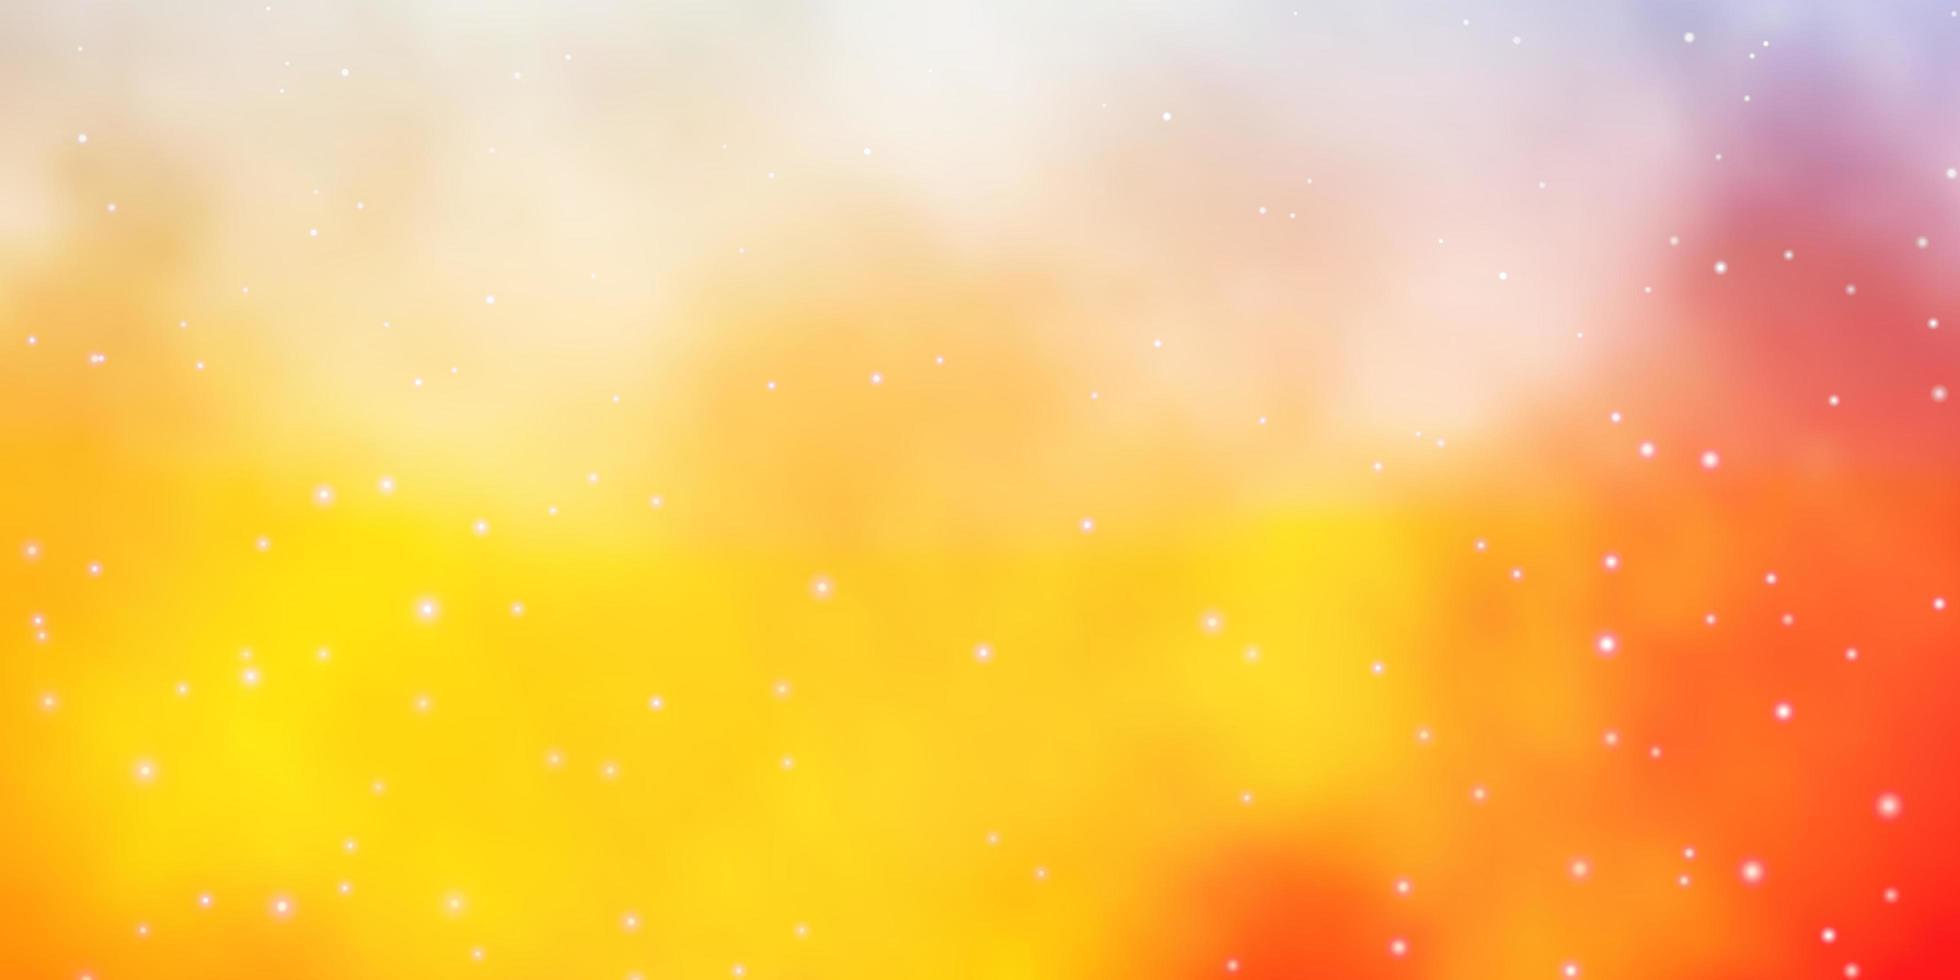 gul layout med ljusa stjärnor. vektor